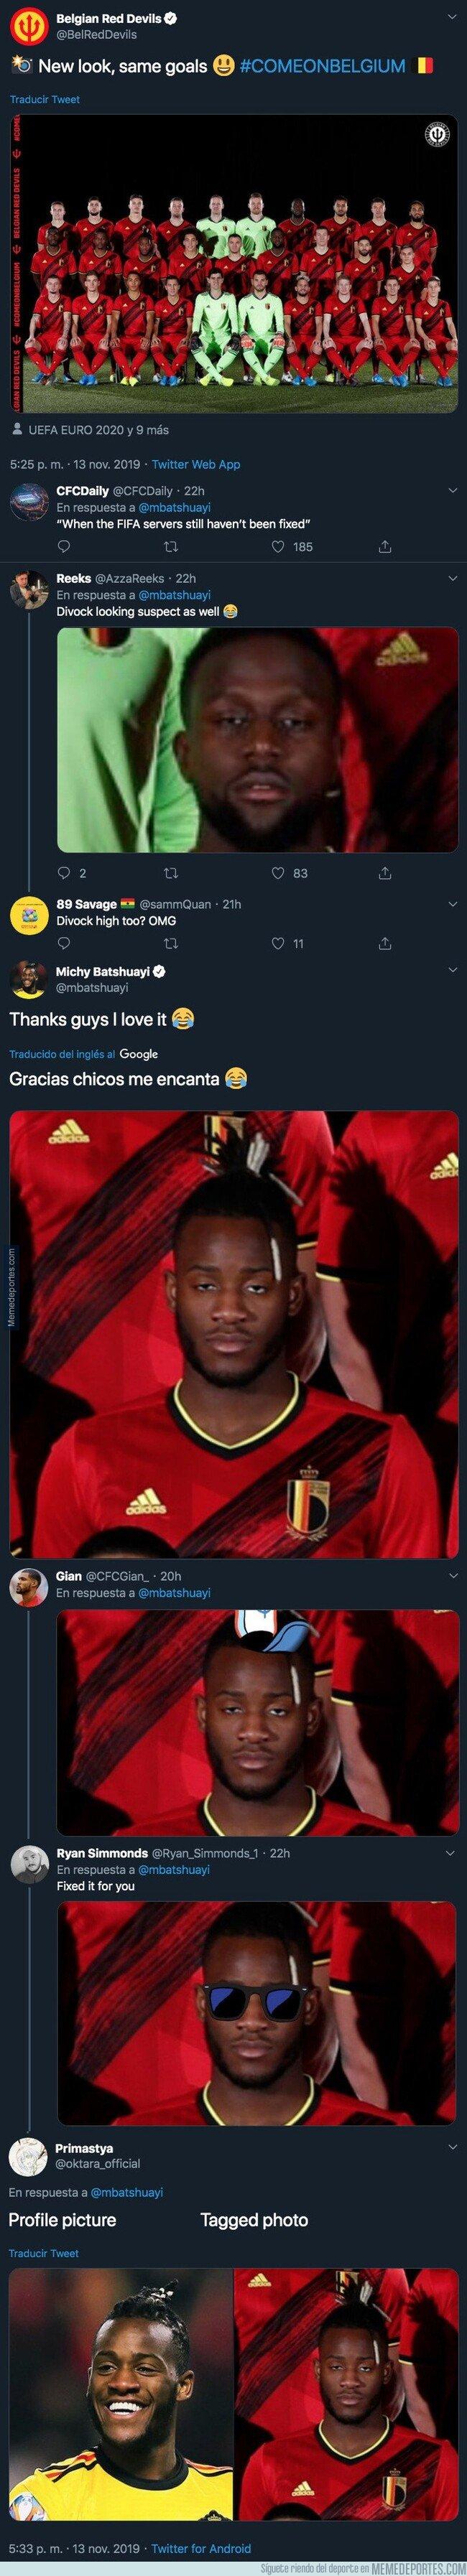 1091099 - La selección de Bélgica sube la foto oficial de la plantilla y Michy Batshuayi no está nada contento por la cara que le han sacado